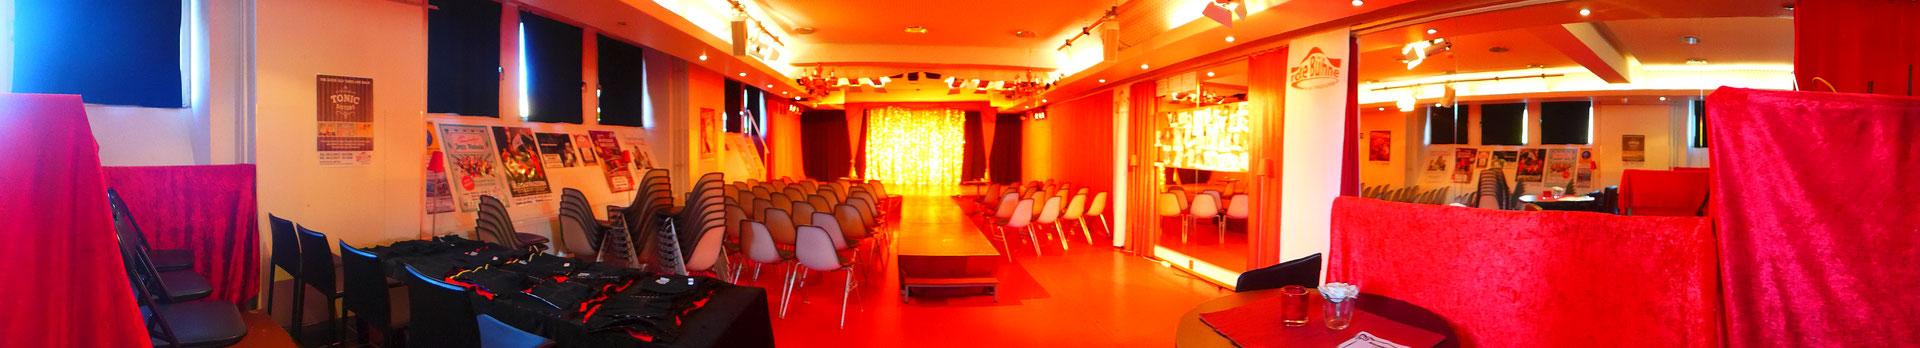 Der Theatersaal der roten Bühne, vorbereitet für den Tag der offenen Tür